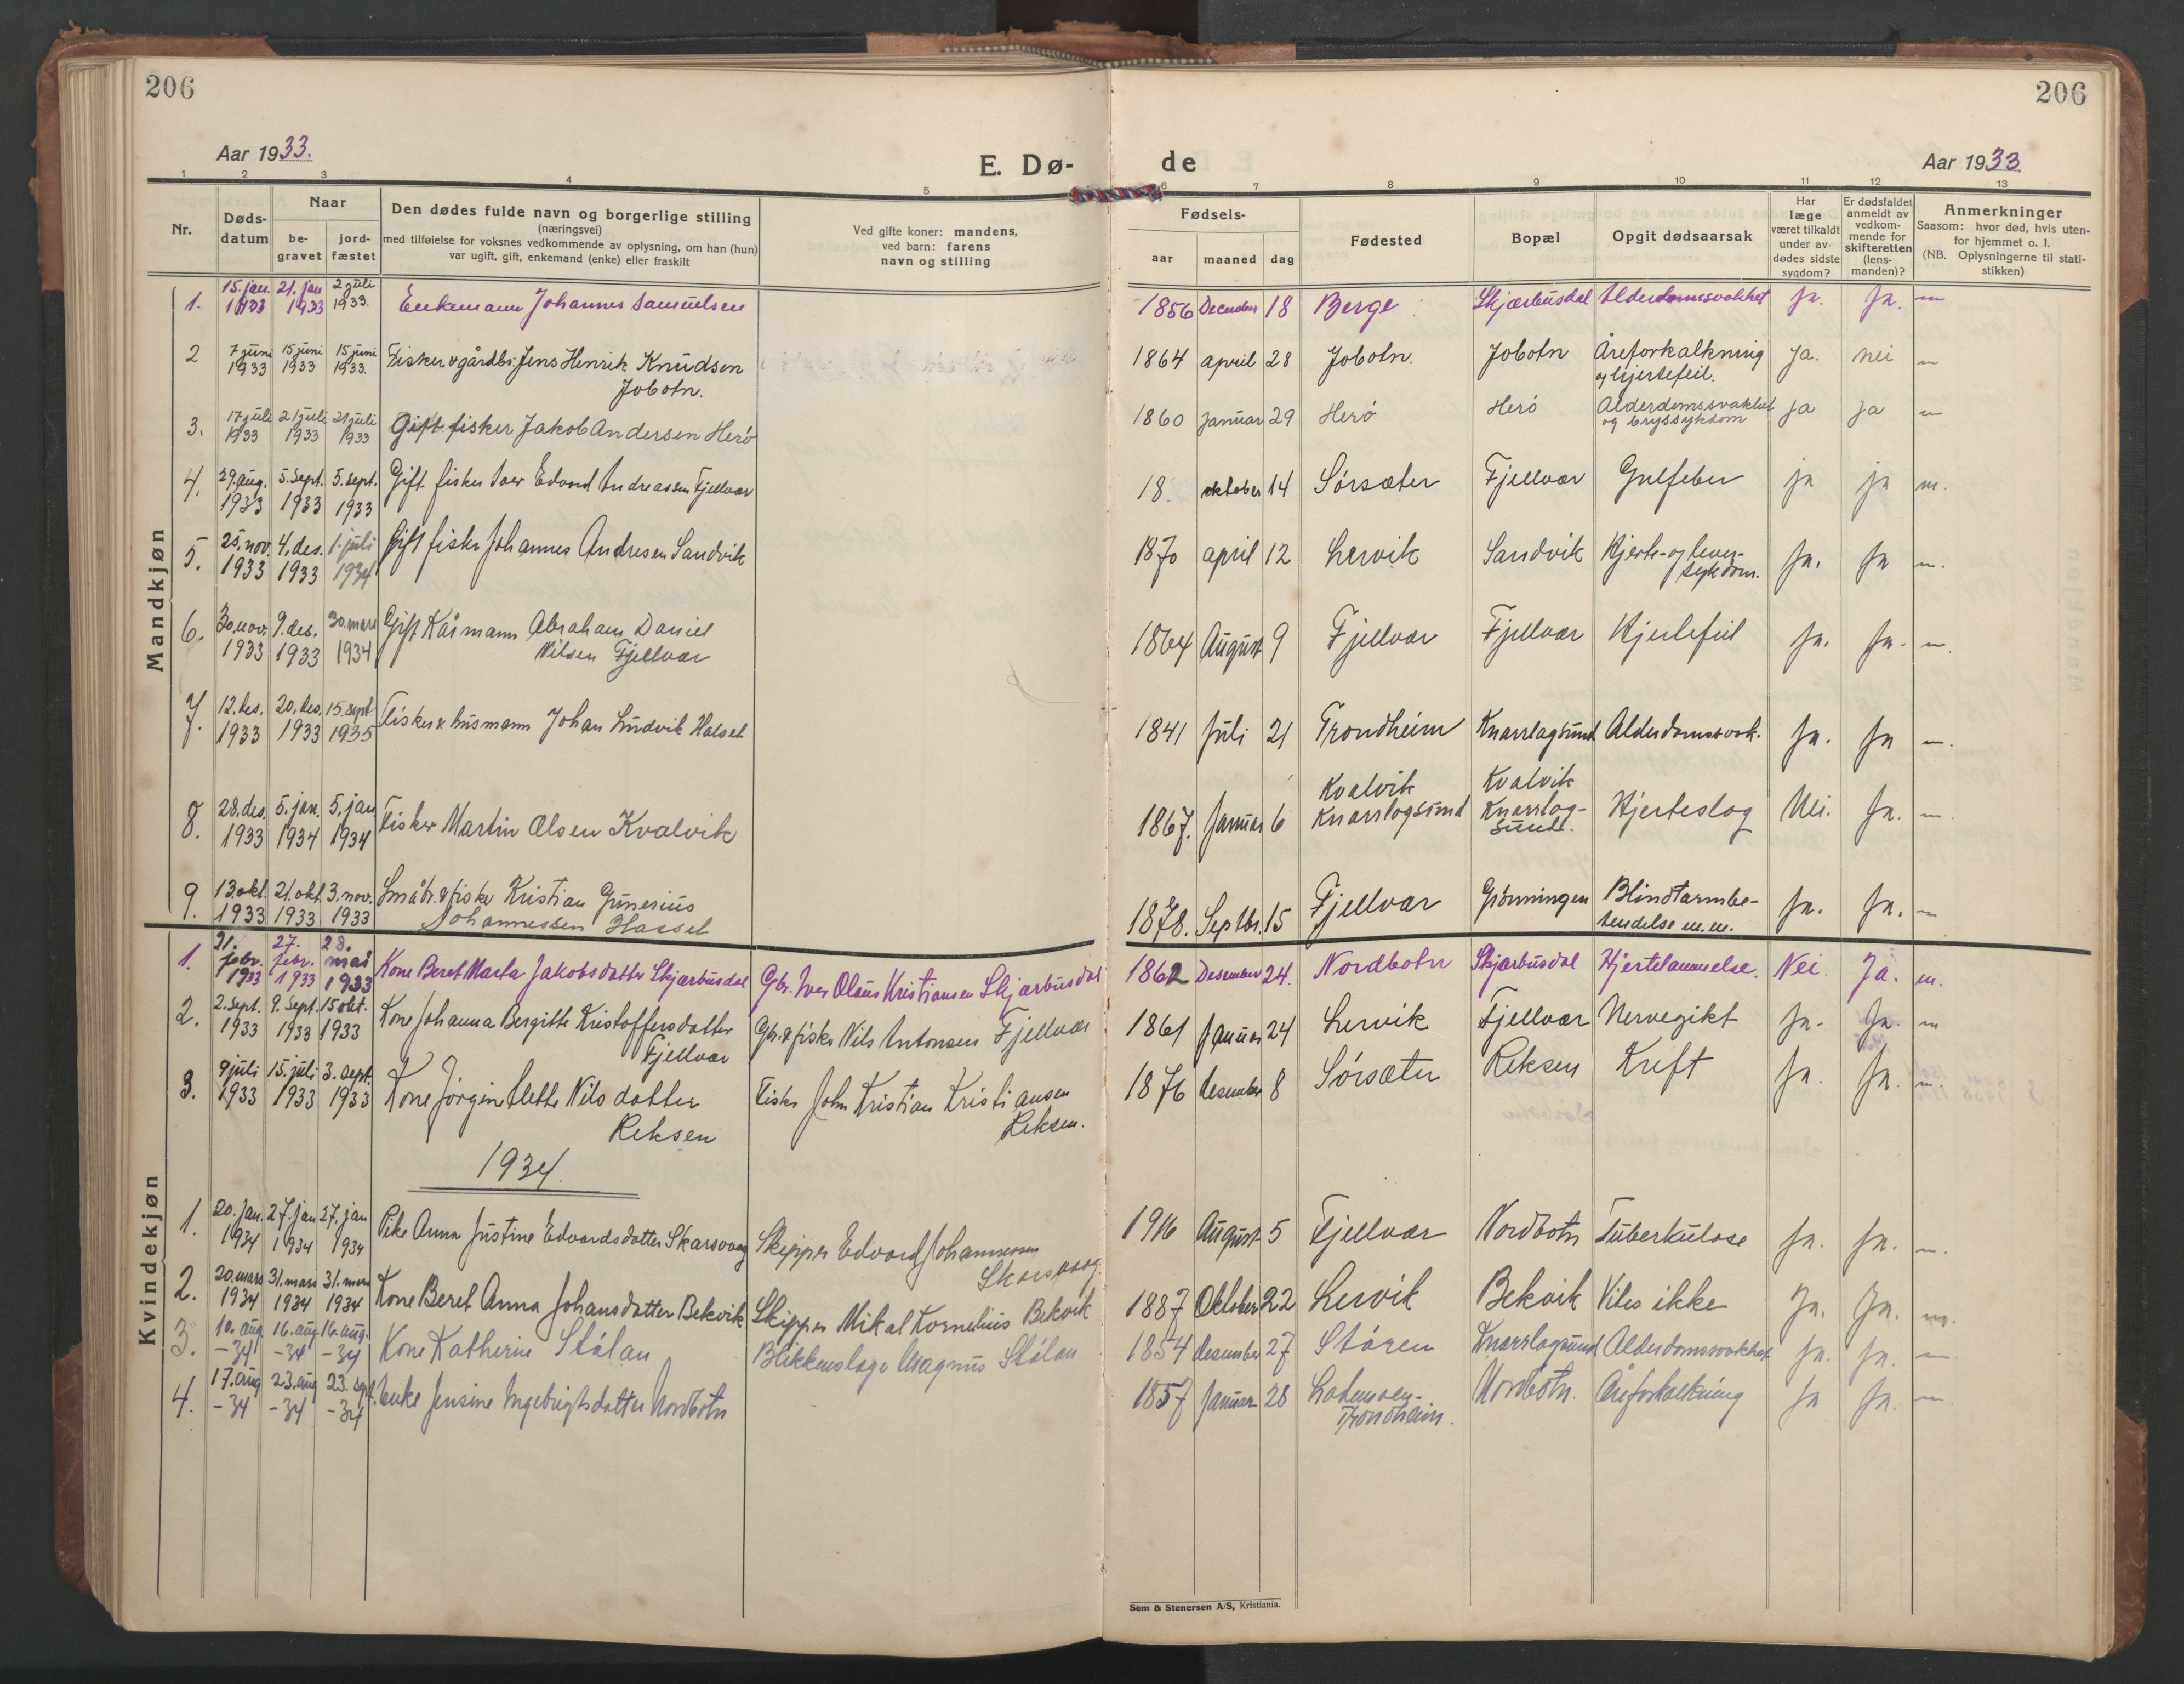 SAT, Ministerialprotokoller, klokkerbøker og fødselsregistre - Sør-Trøndelag, 638/L0569: Klokkerbok nr. 638C01, 1923-1961, s. 206